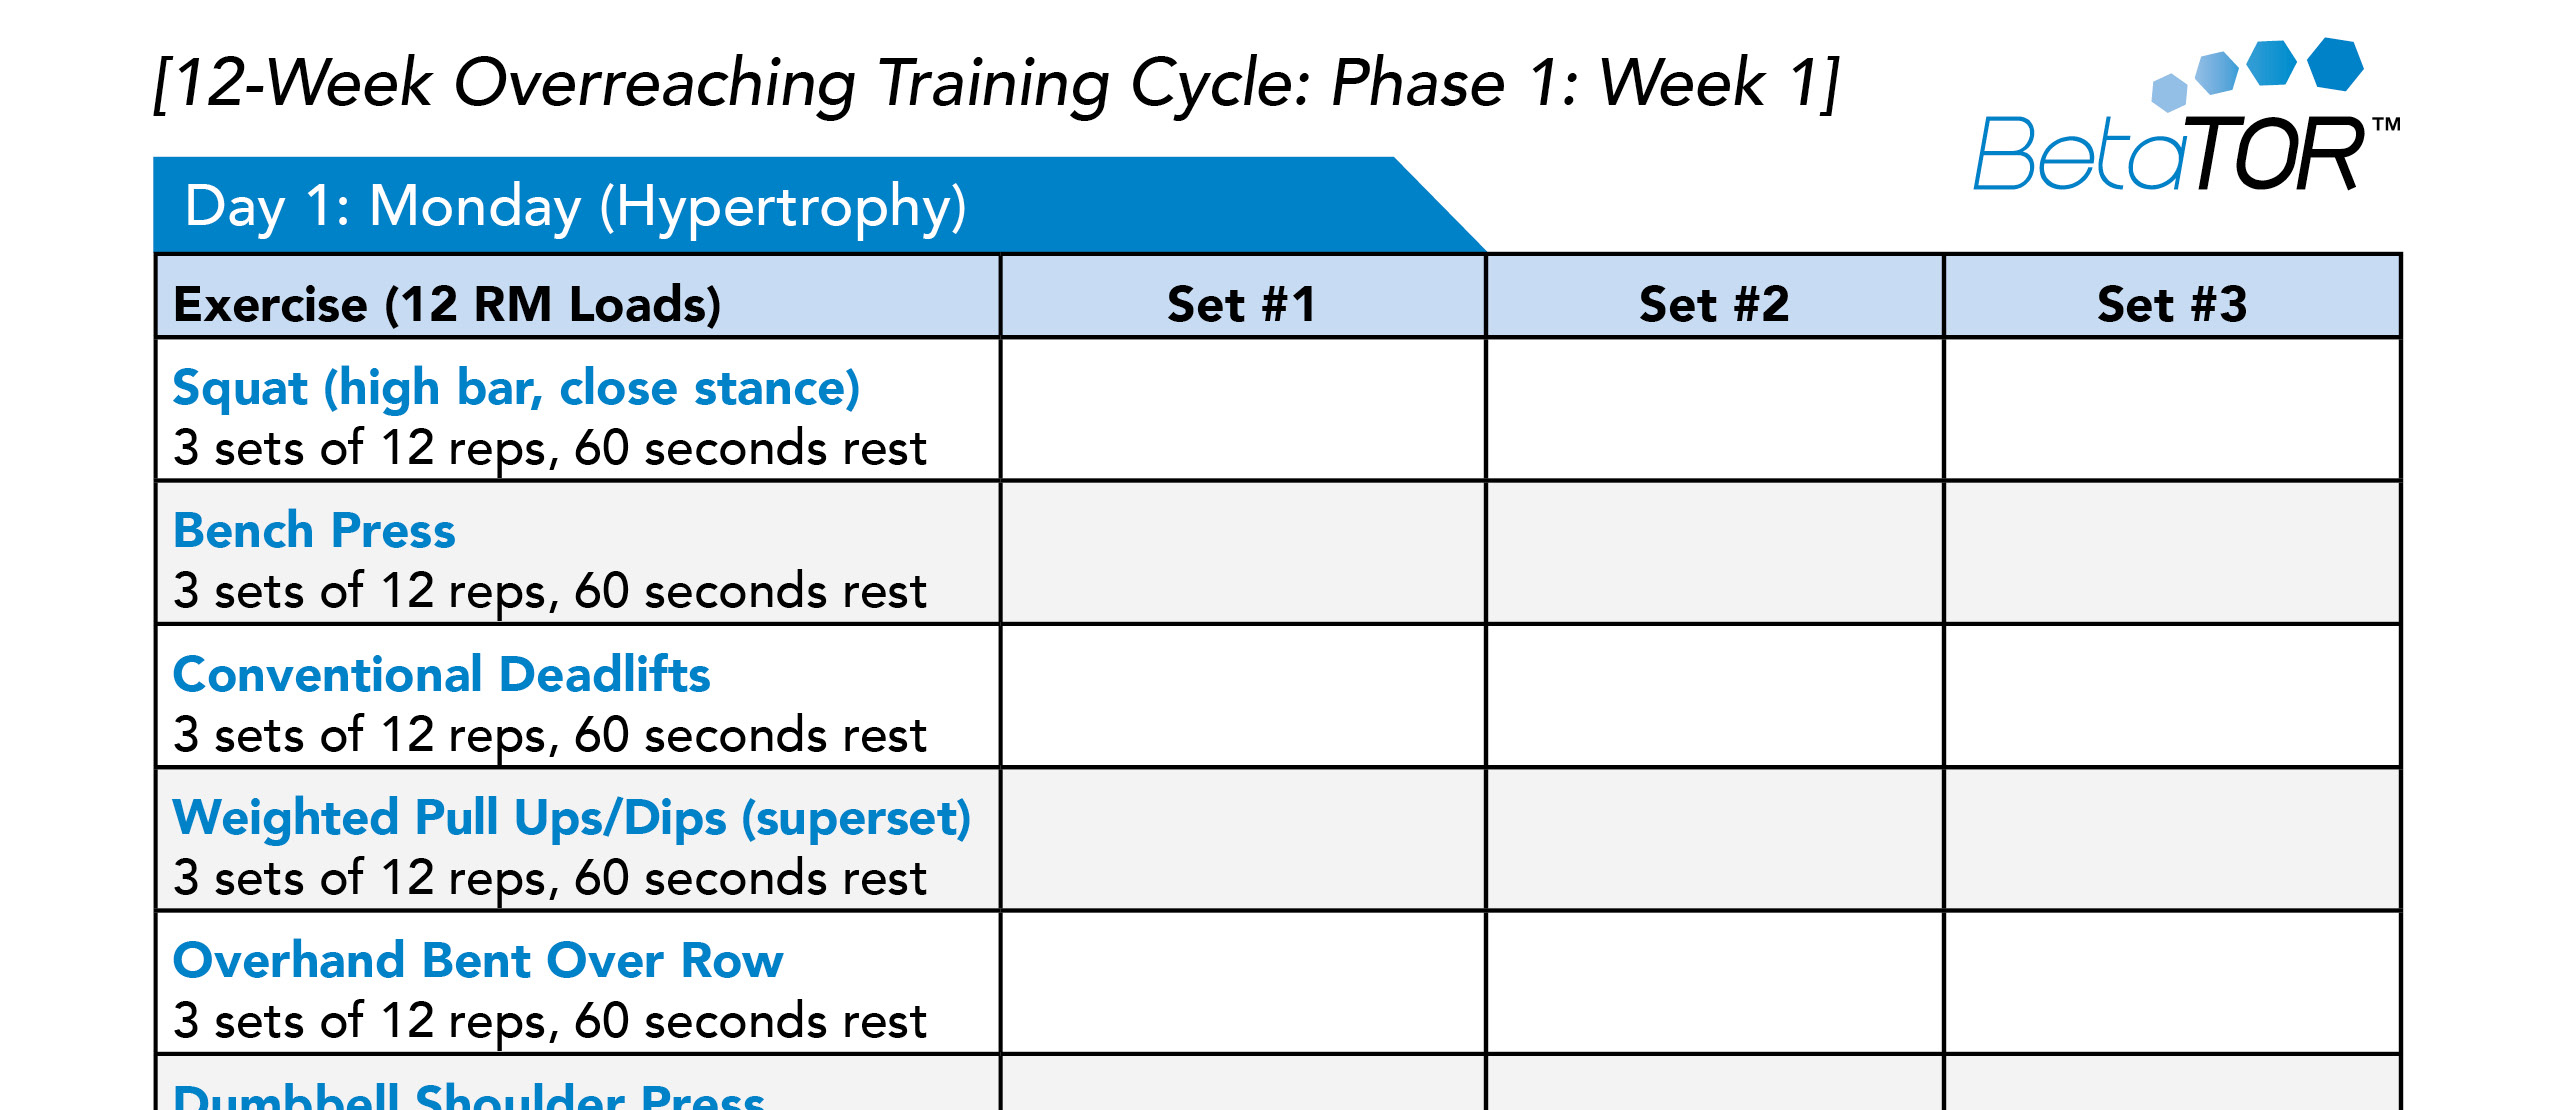 12-Week Overreaching Training Cycle: Phase 1: Week 1]